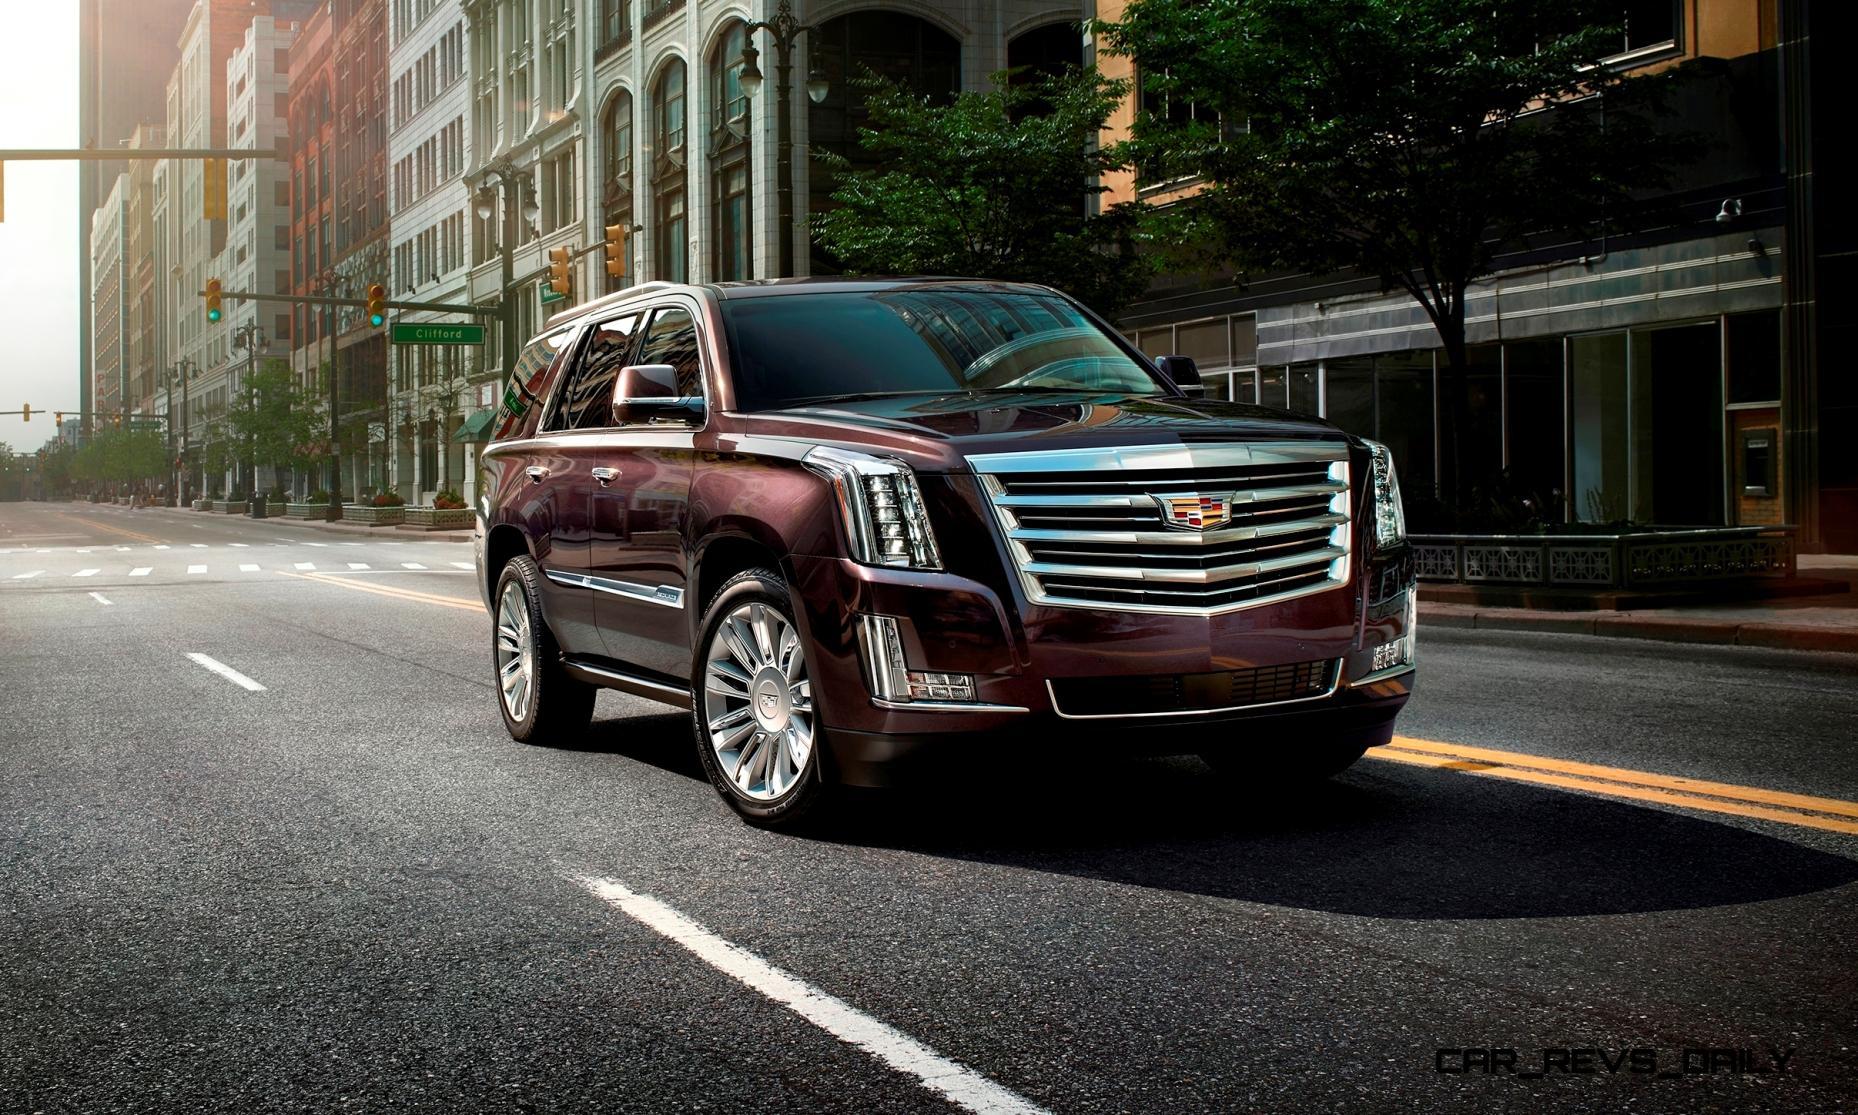 2015 Cadillac Escalade Platinum Brings New Crest Emblem, 8 ...